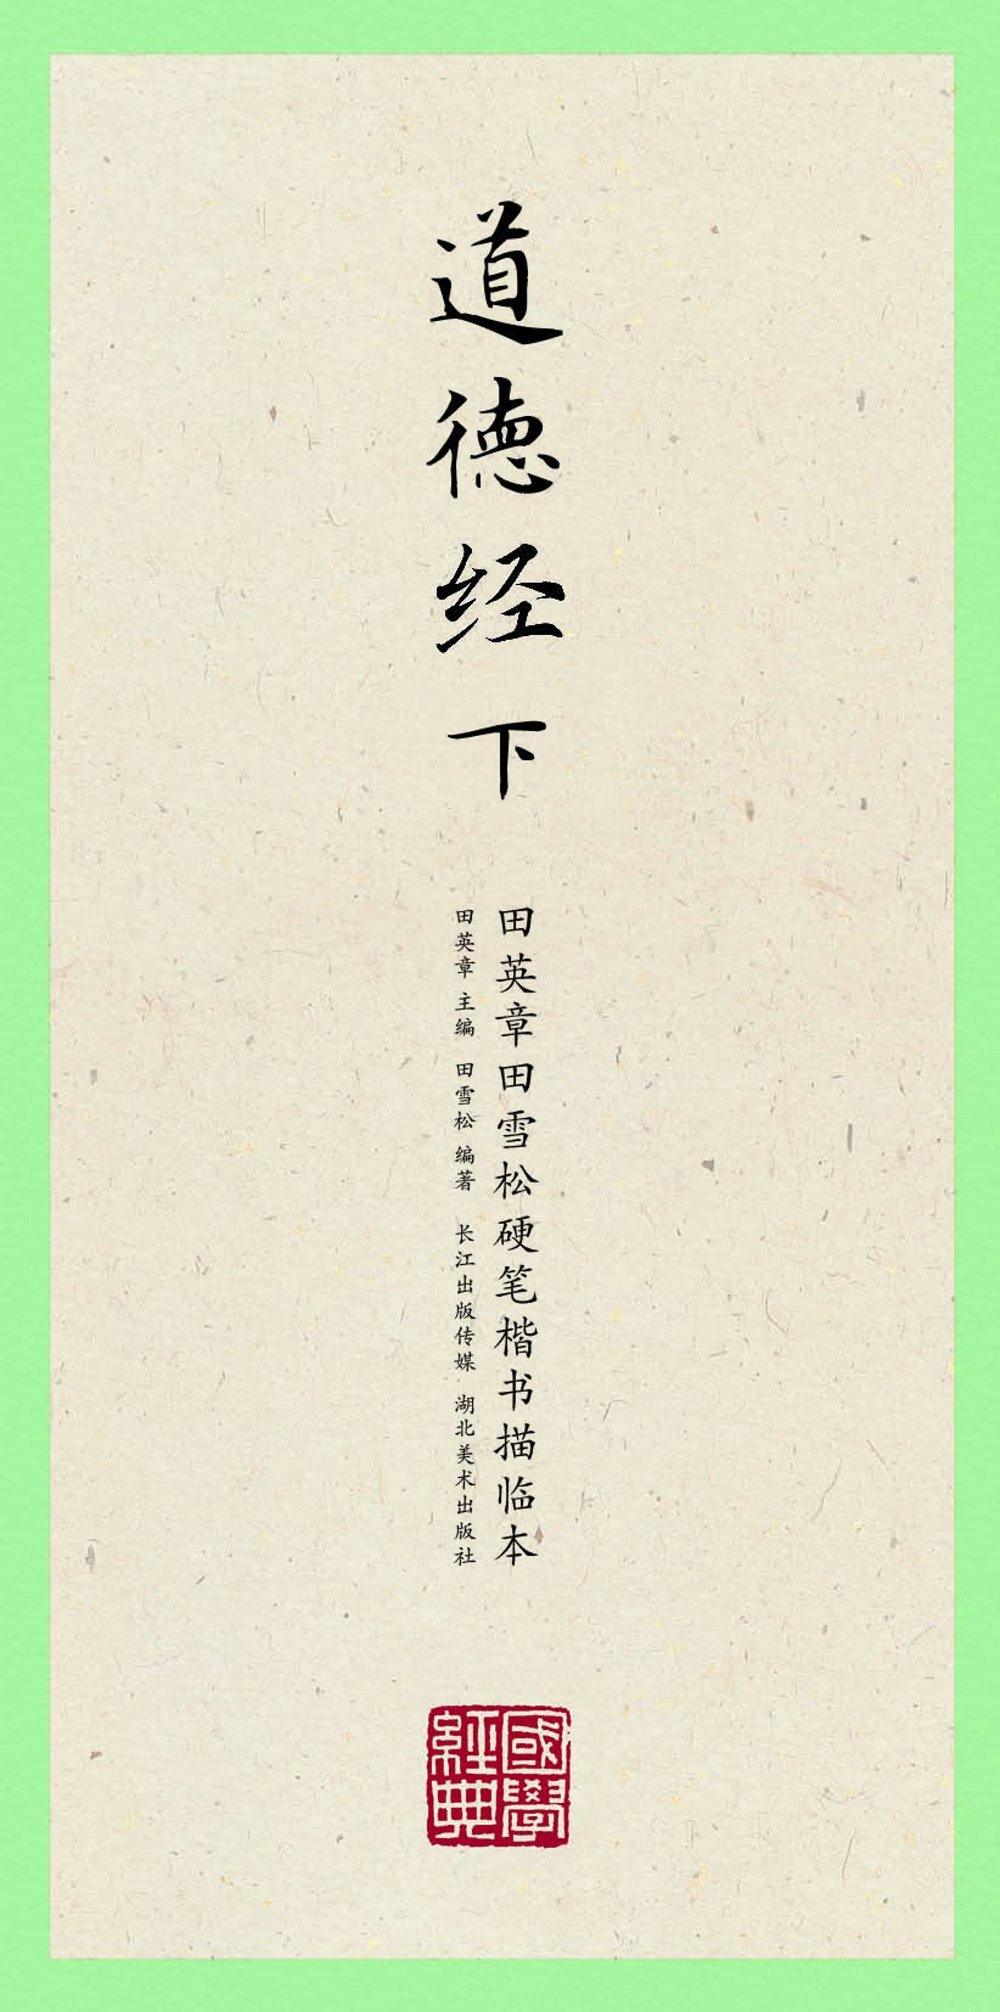 國學經典·田英章田雪松硬筆楷書描臨本道德經(下)